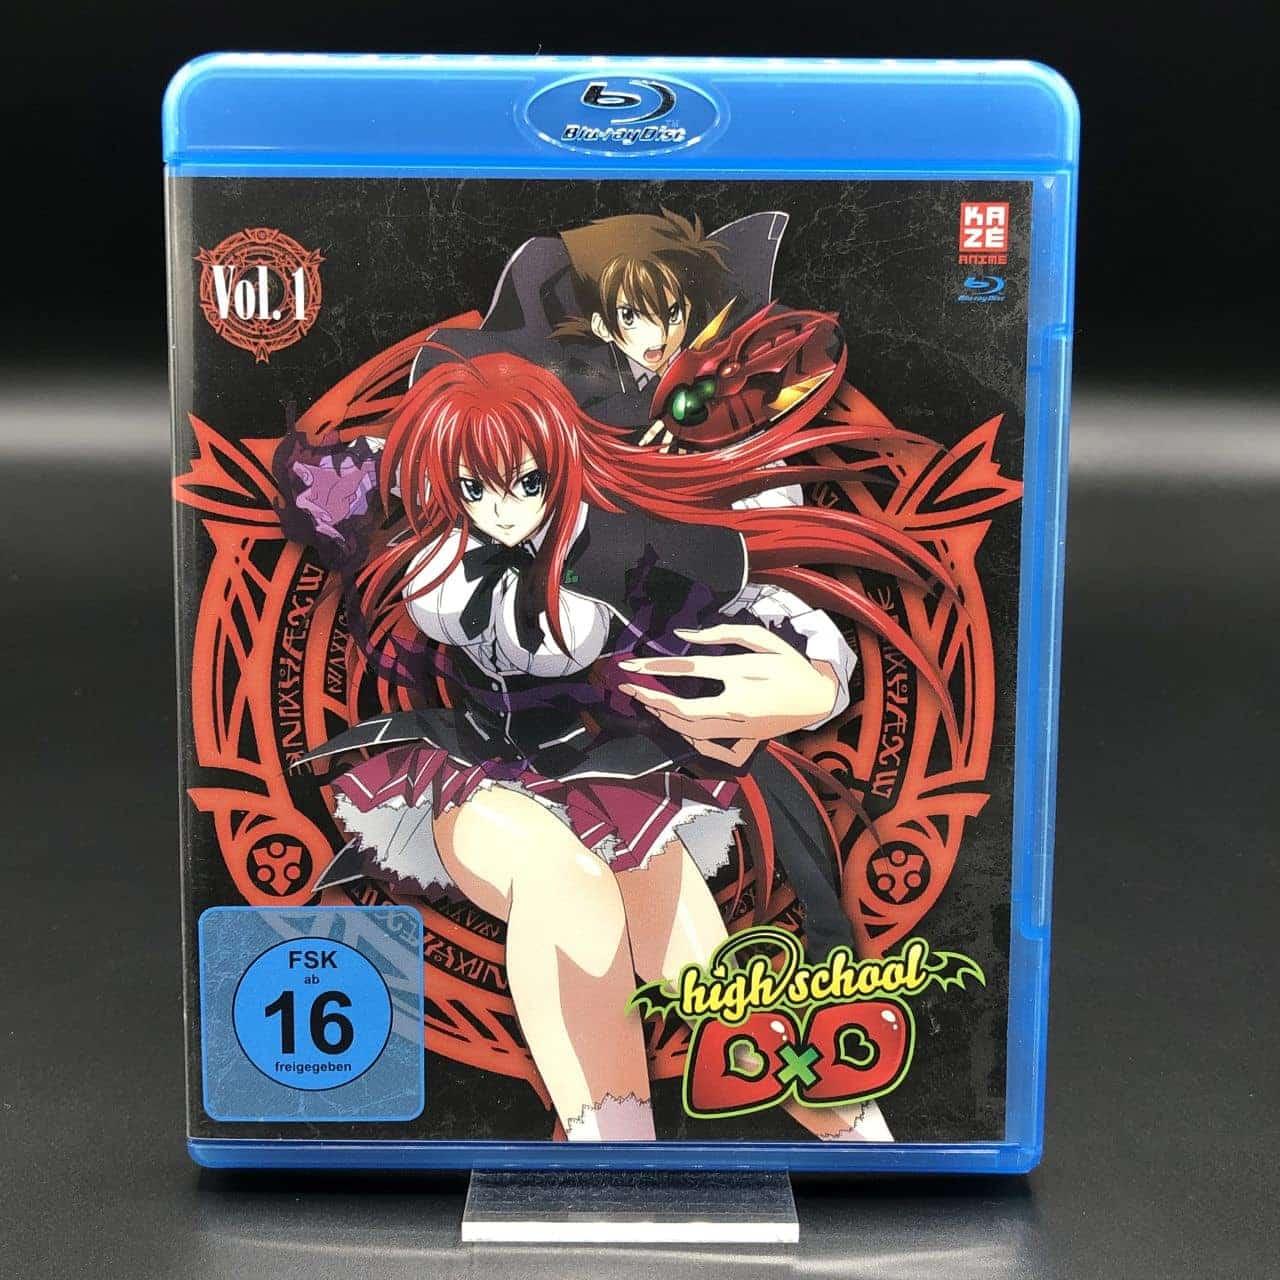 High School Vol. 1 (Blu-Ray) (Sehr gut) Anime